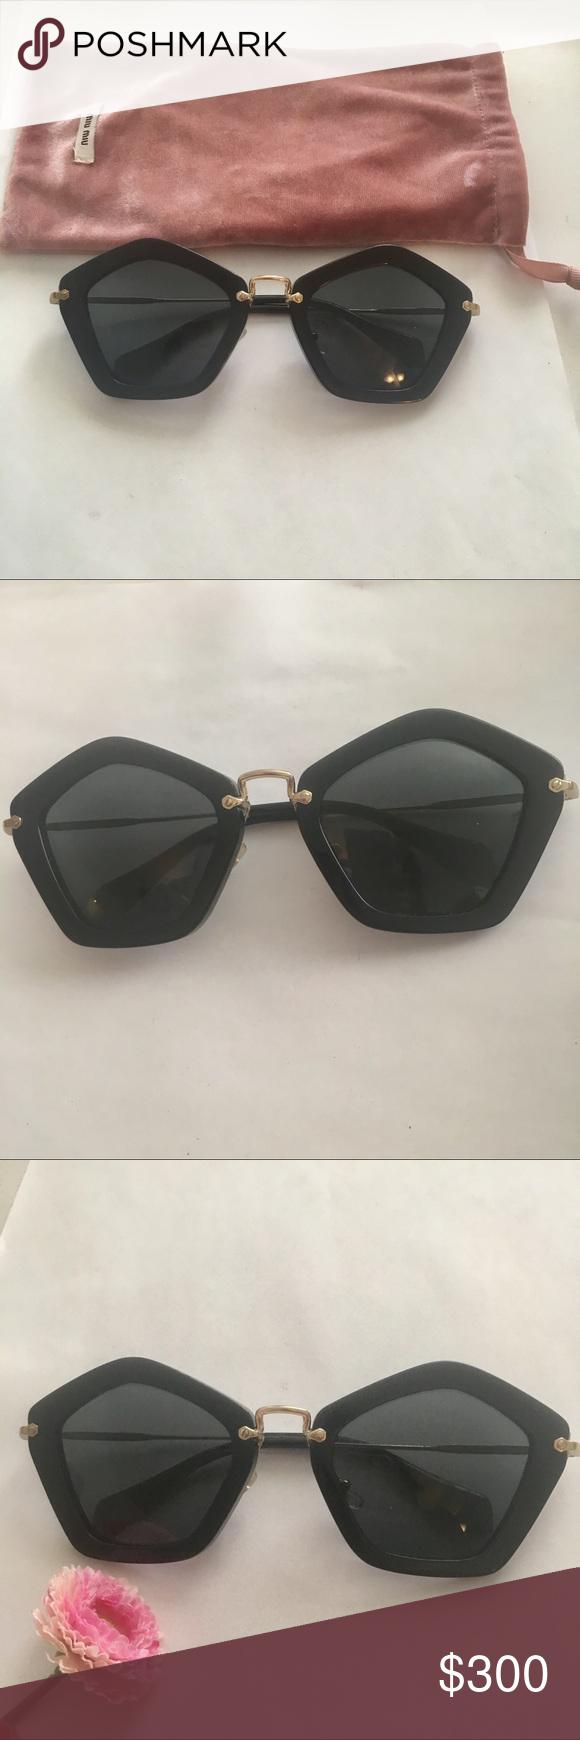 f58868a6e56b Miu miu 100% attentive sunglasses Mu mu authentic sunglasses no scratch Miu  Miu Accessories Sunglasses